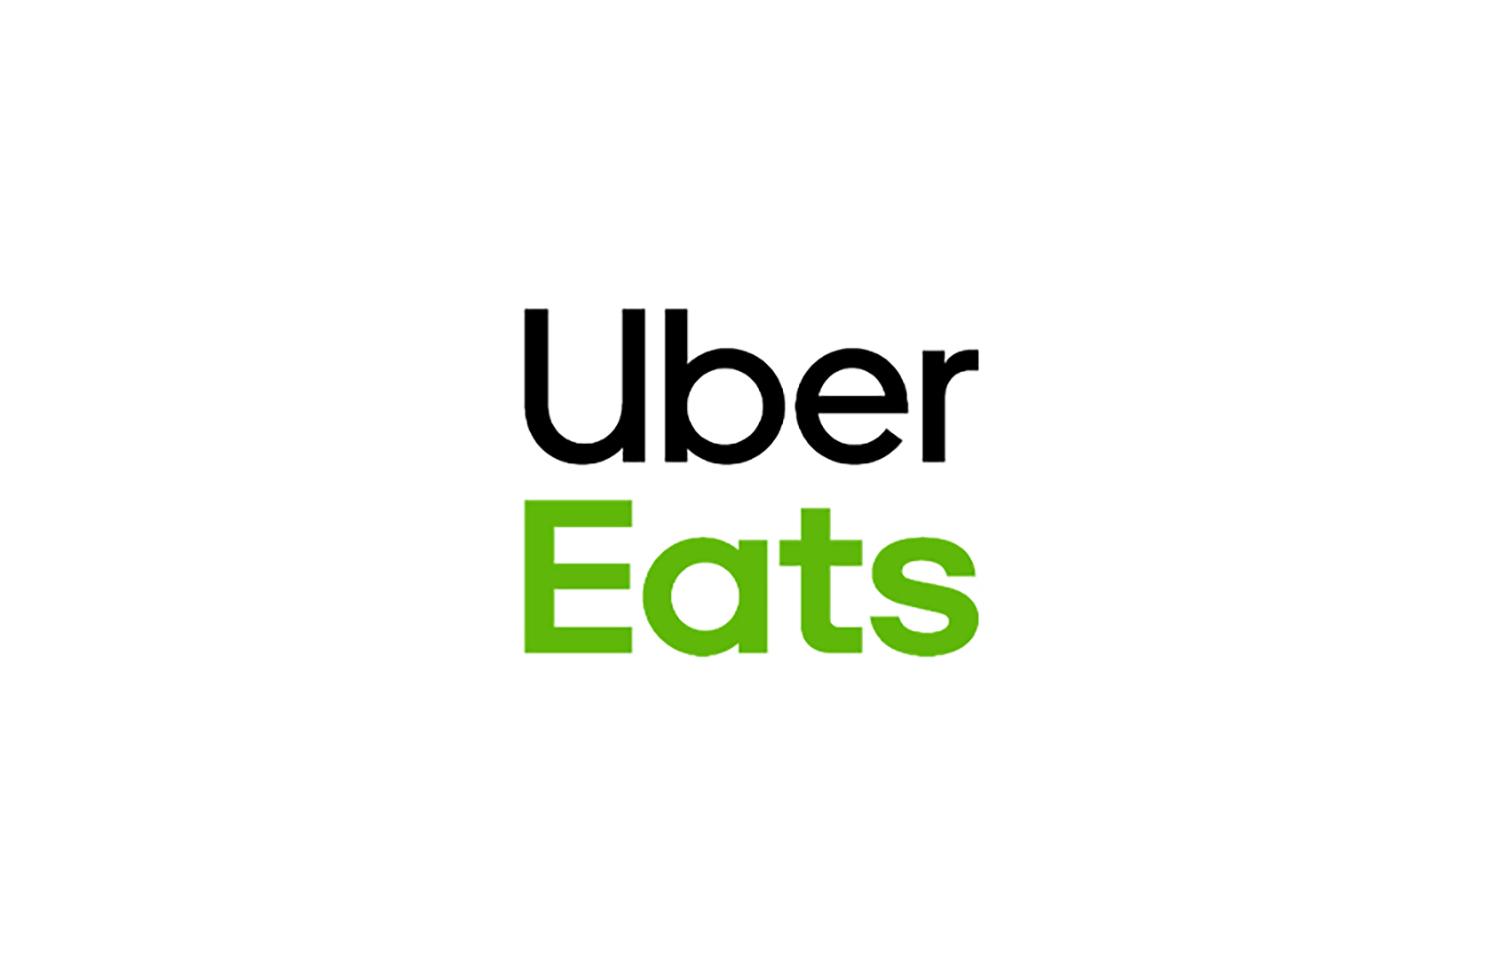 人気アプリNo.1 Uber Eats